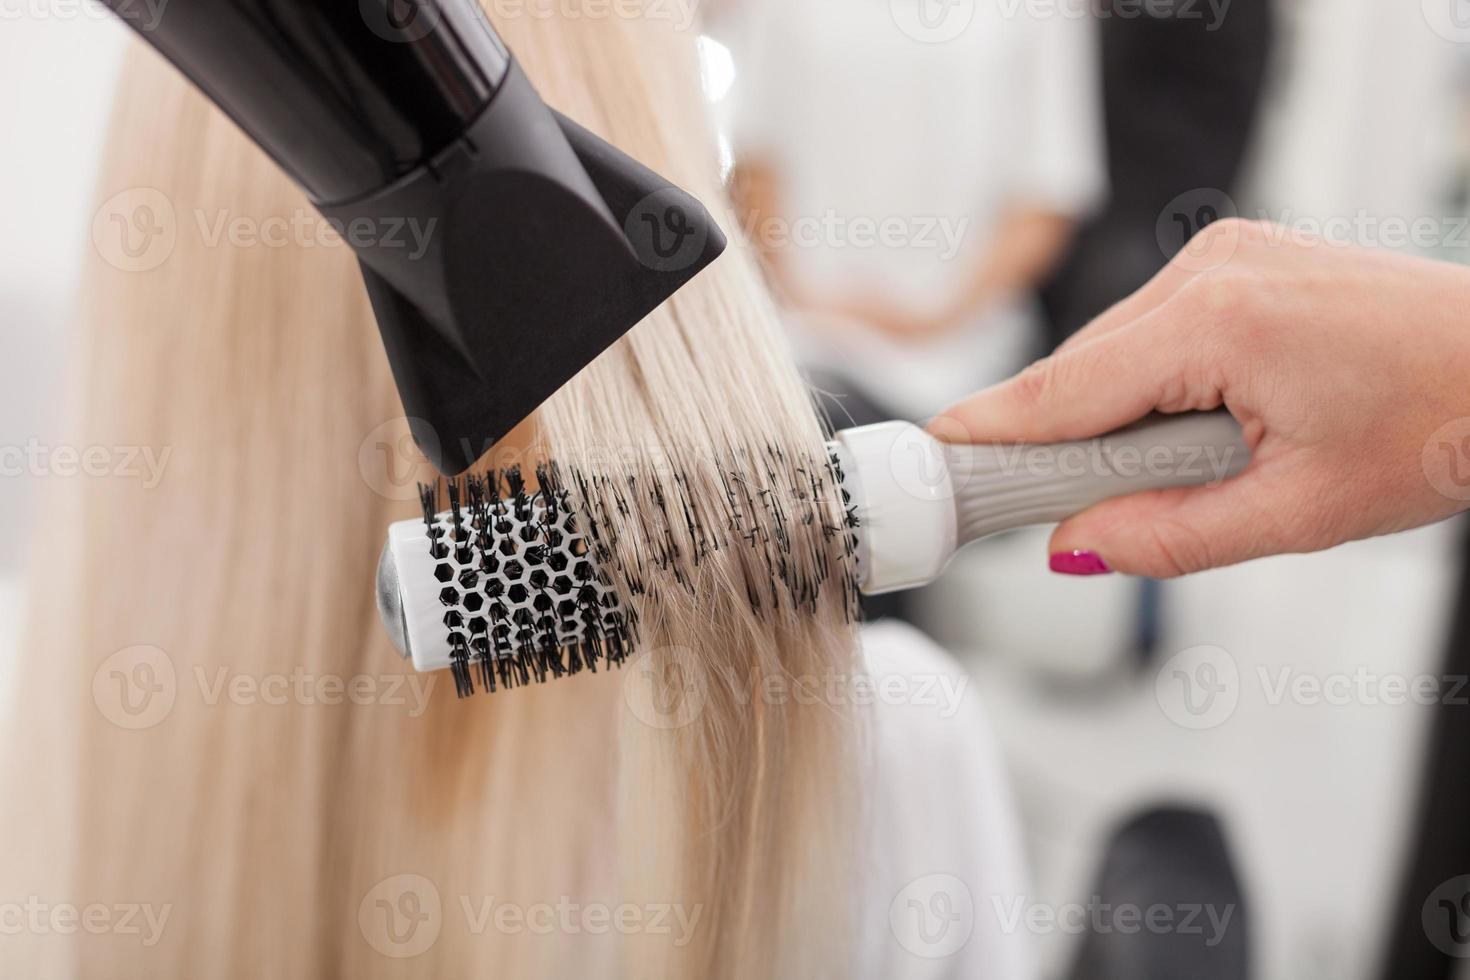 parrucchiere femminile professionista sta lavorando con asciugacapelli foto